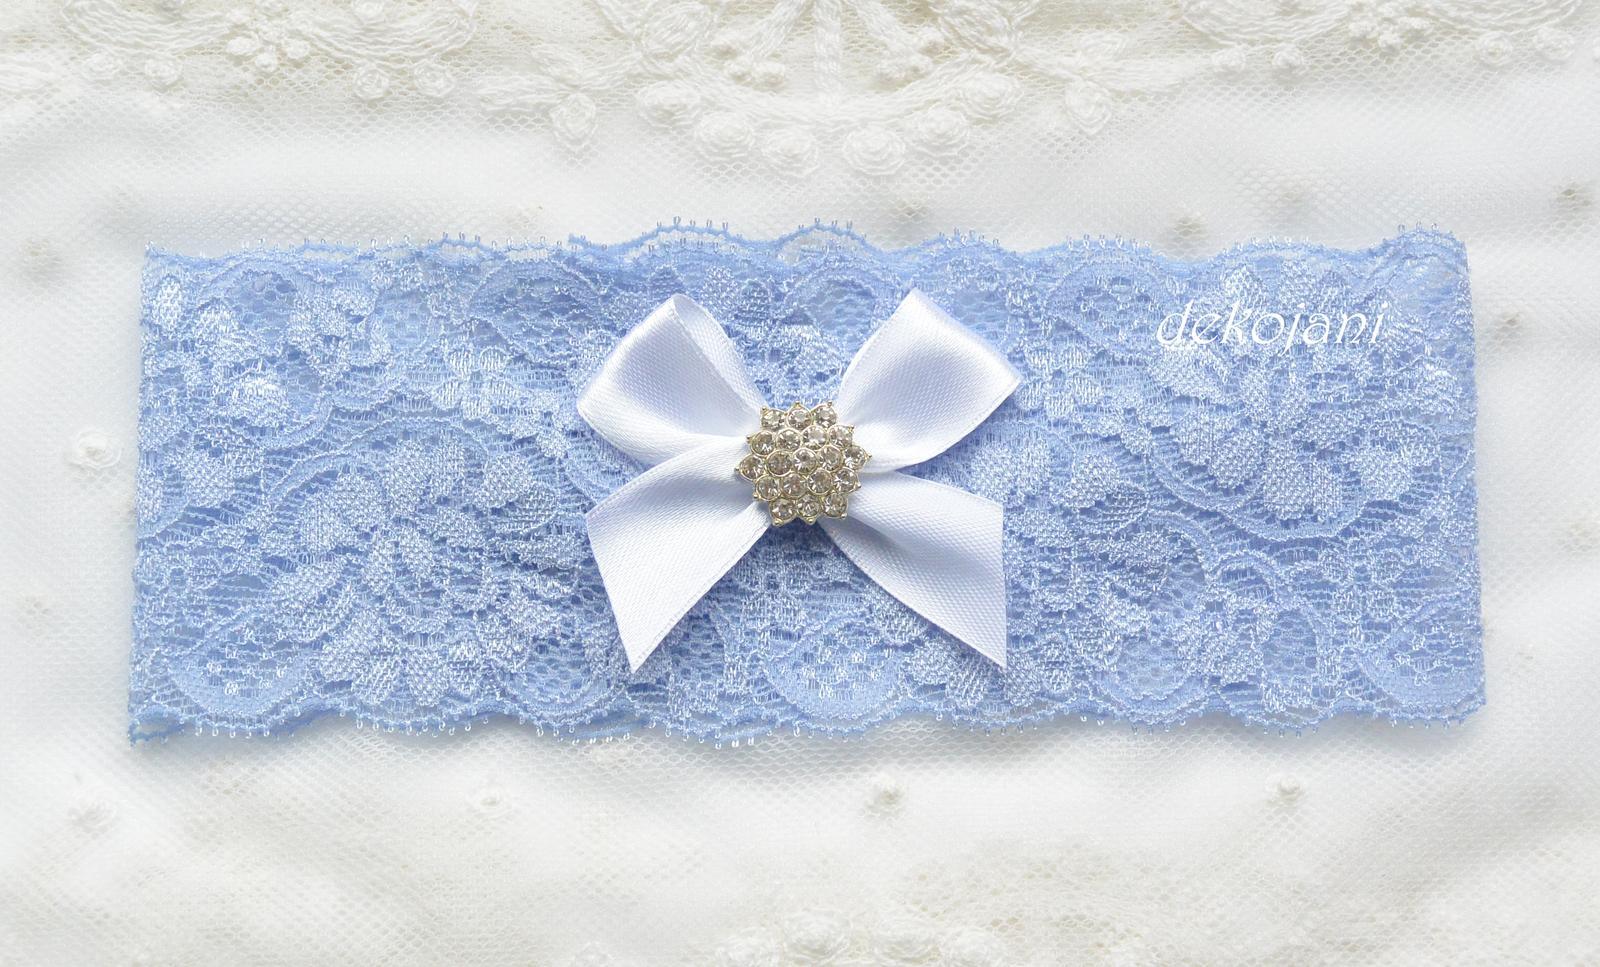 Luxusní svatební doplňky a dekorace. - Obrázek č. 18